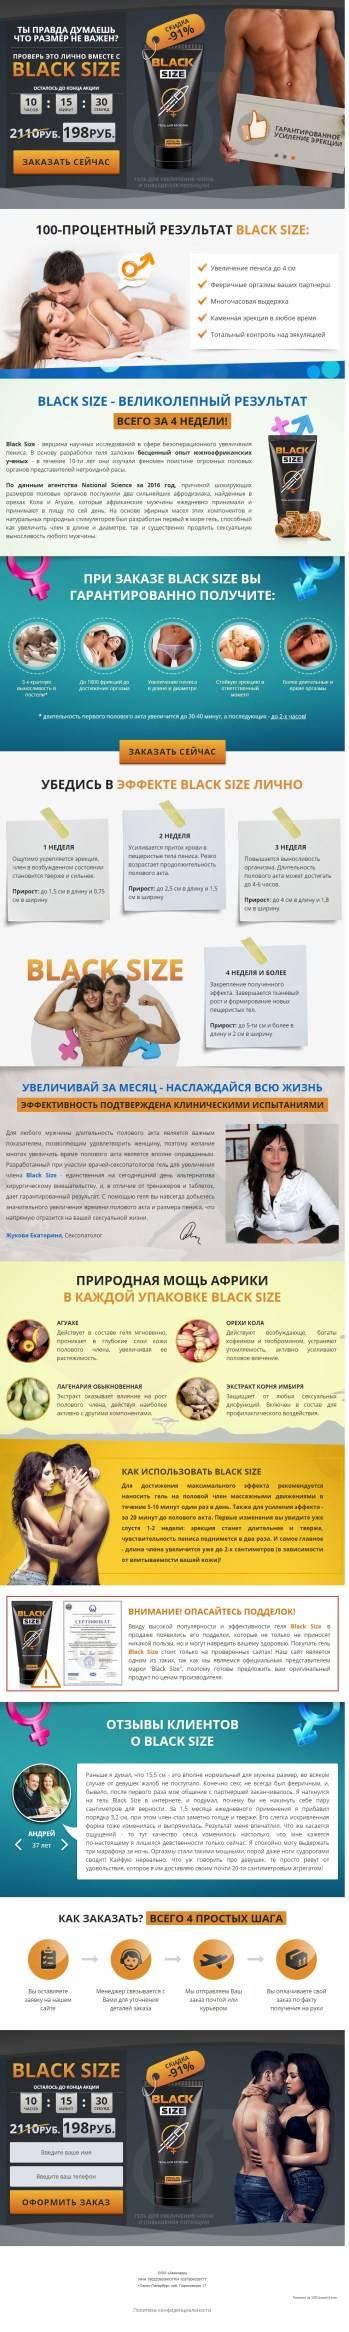 На самом ли деле black size дает такие хорошие результаты? и где купить не подделку